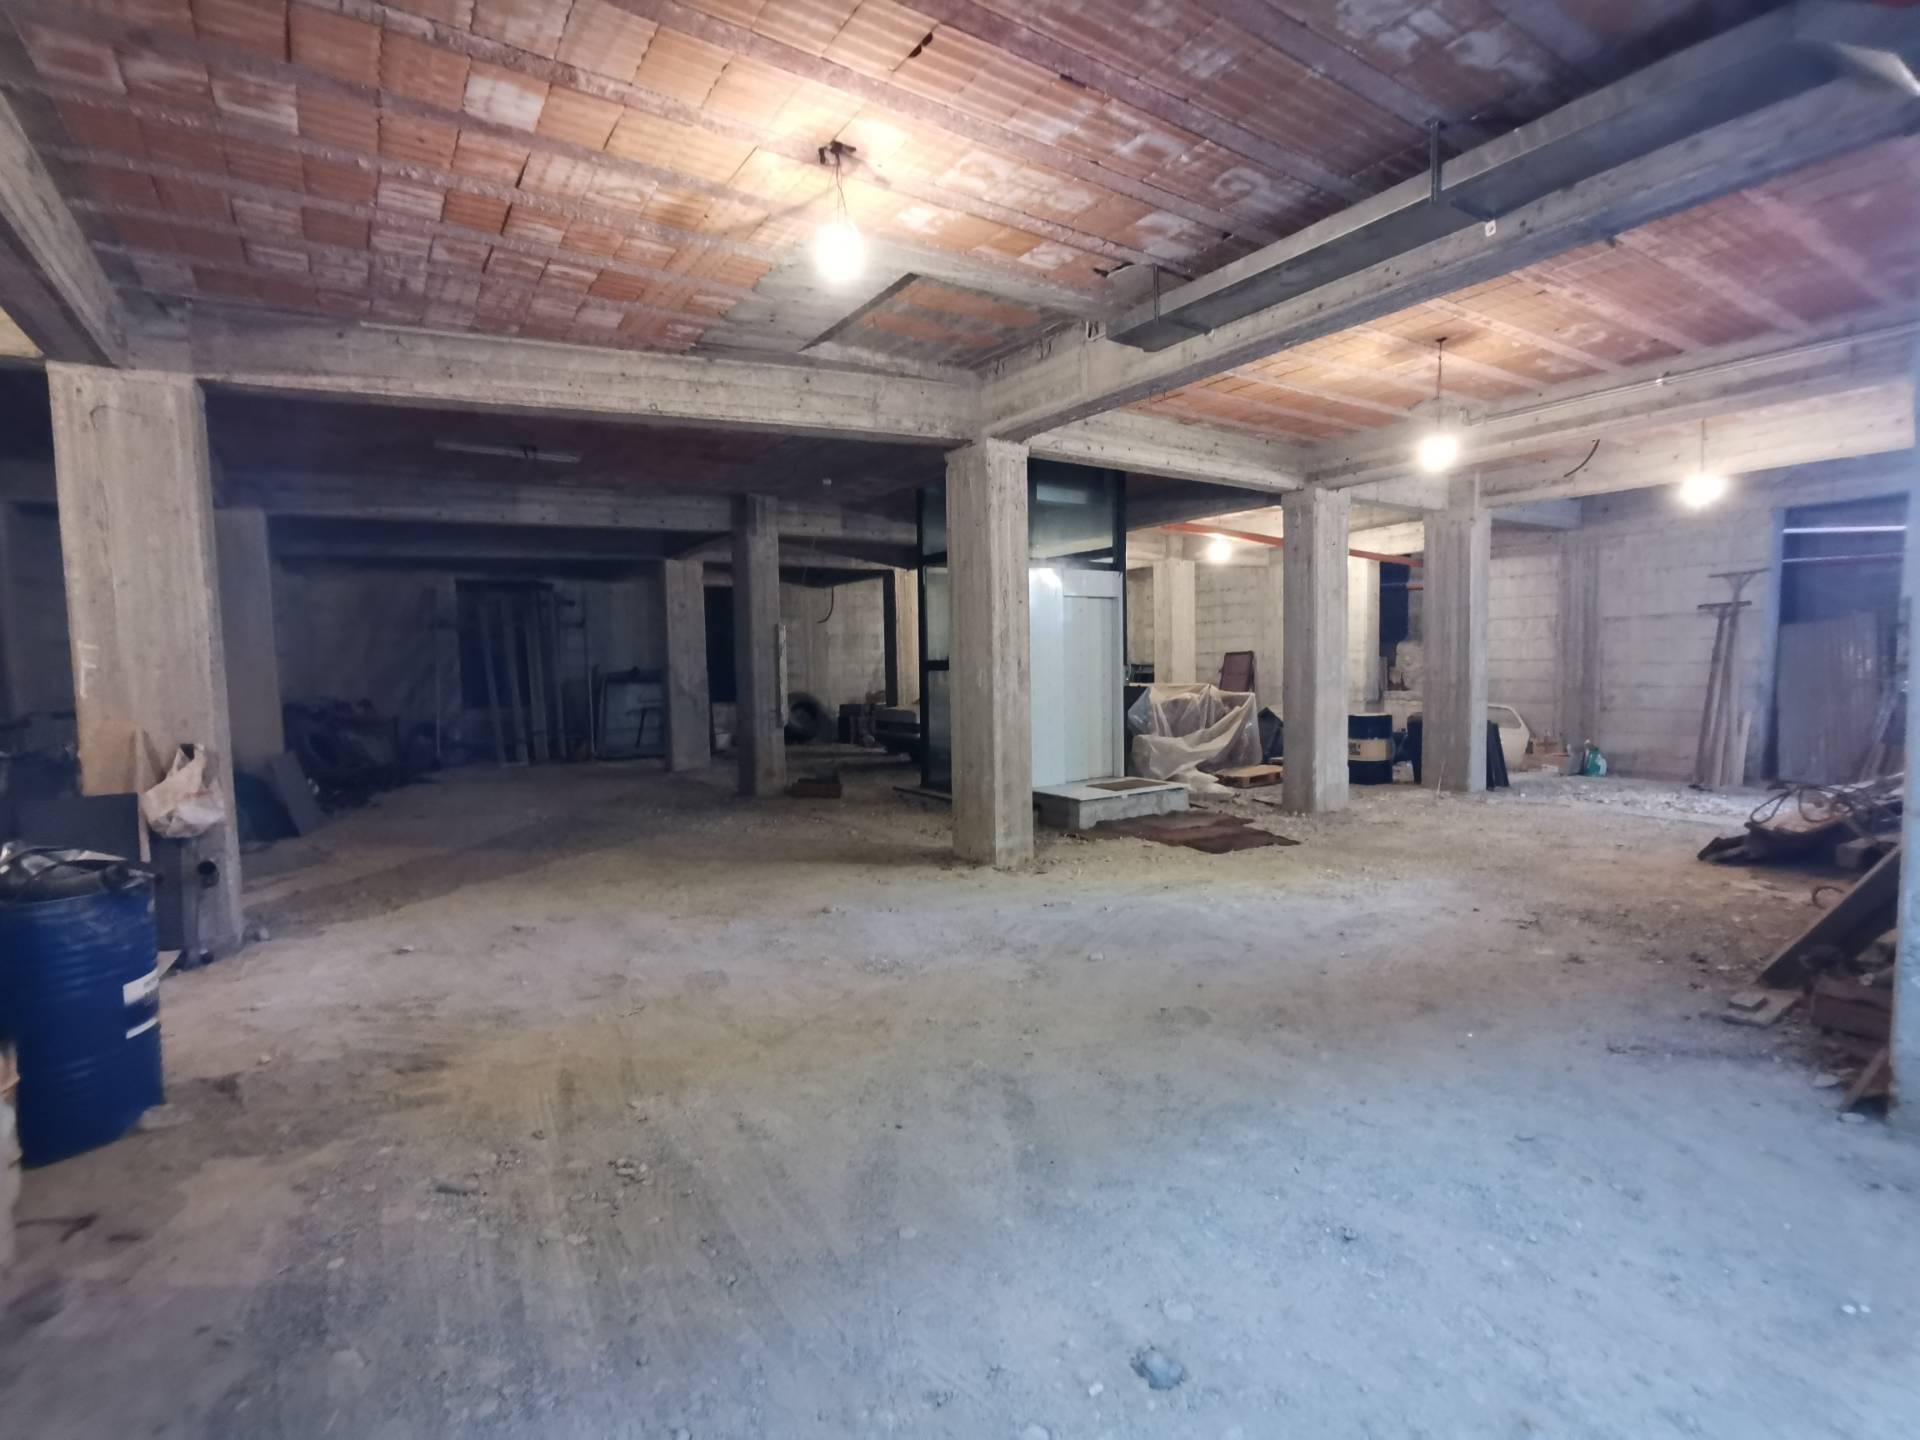 Negozio / Locale in affitto a Benevento, 9999 locali, zona Zona: Centro, prezzo € 2.000 | CambioCasa.it